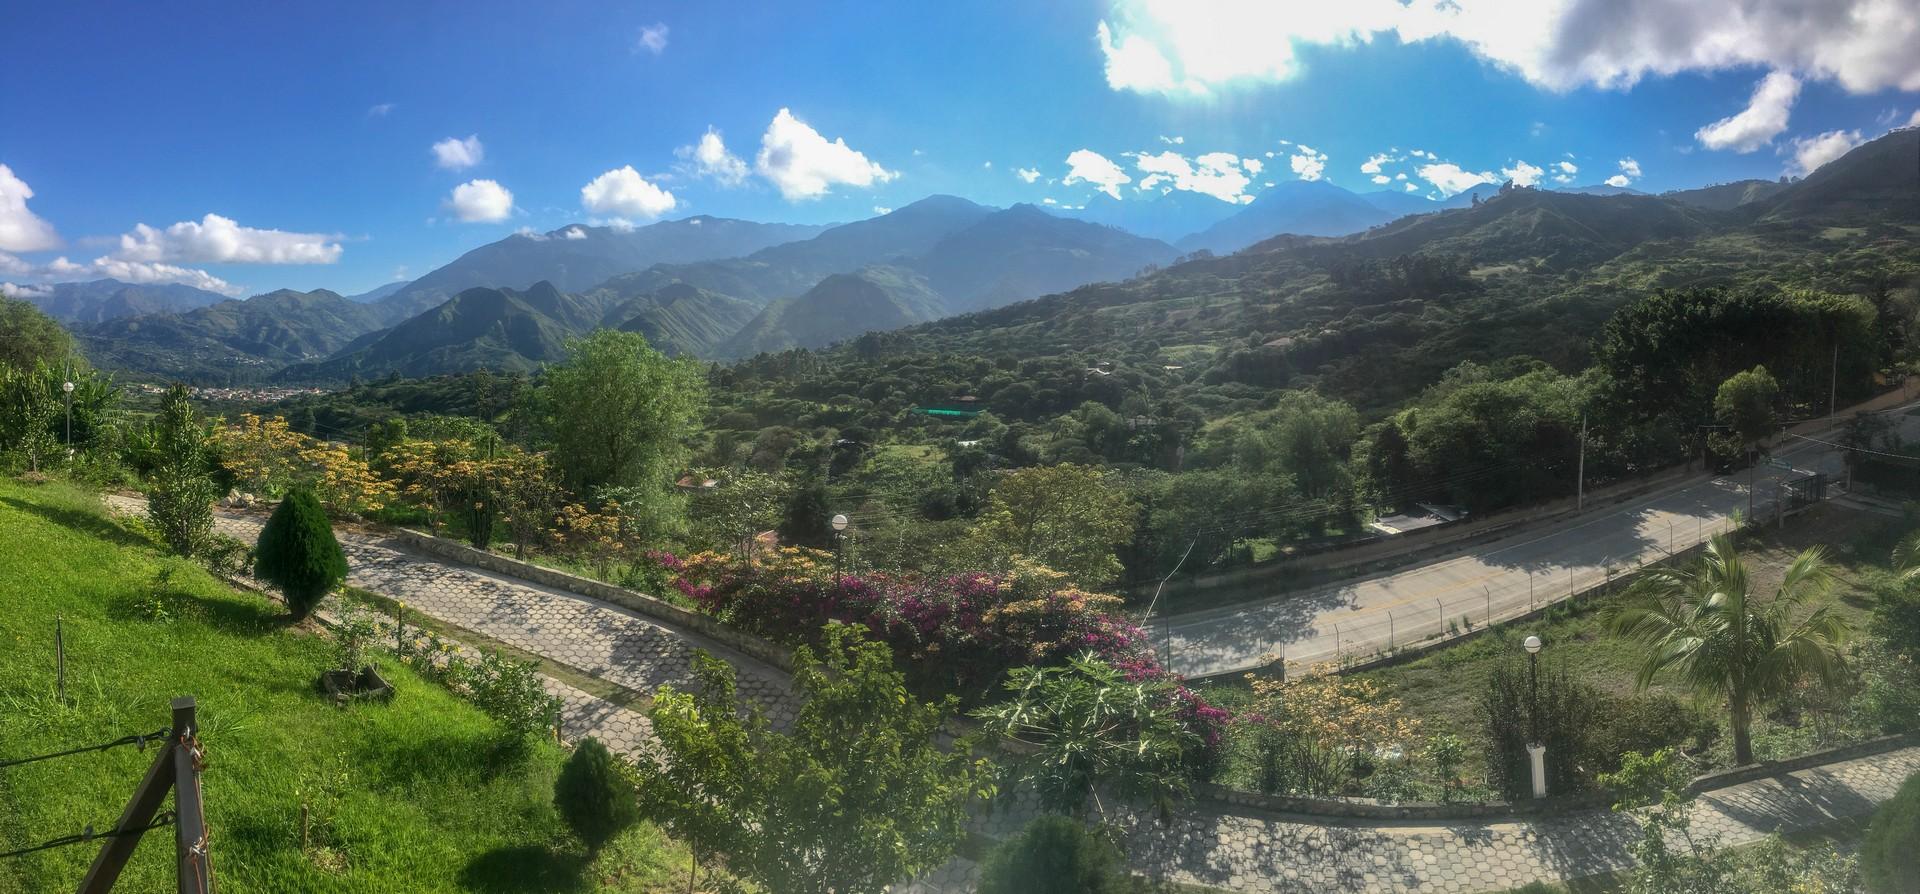 2019-04-10 Vilcabamba-9